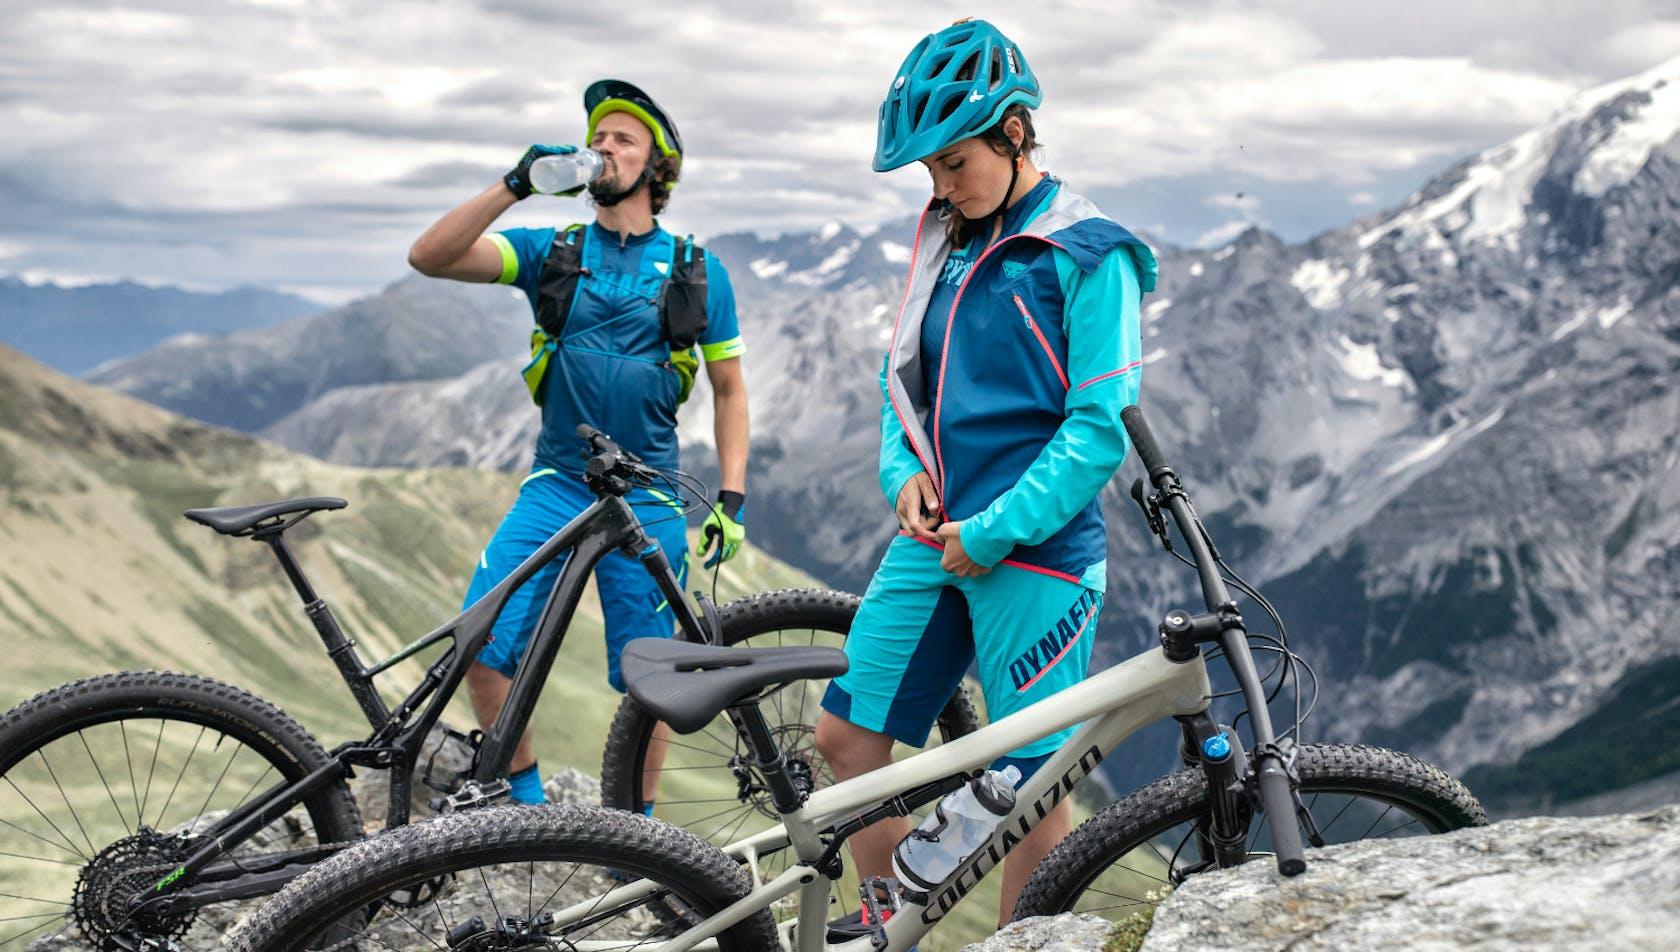 Dynafit Bike Bekleidung Onlineshop